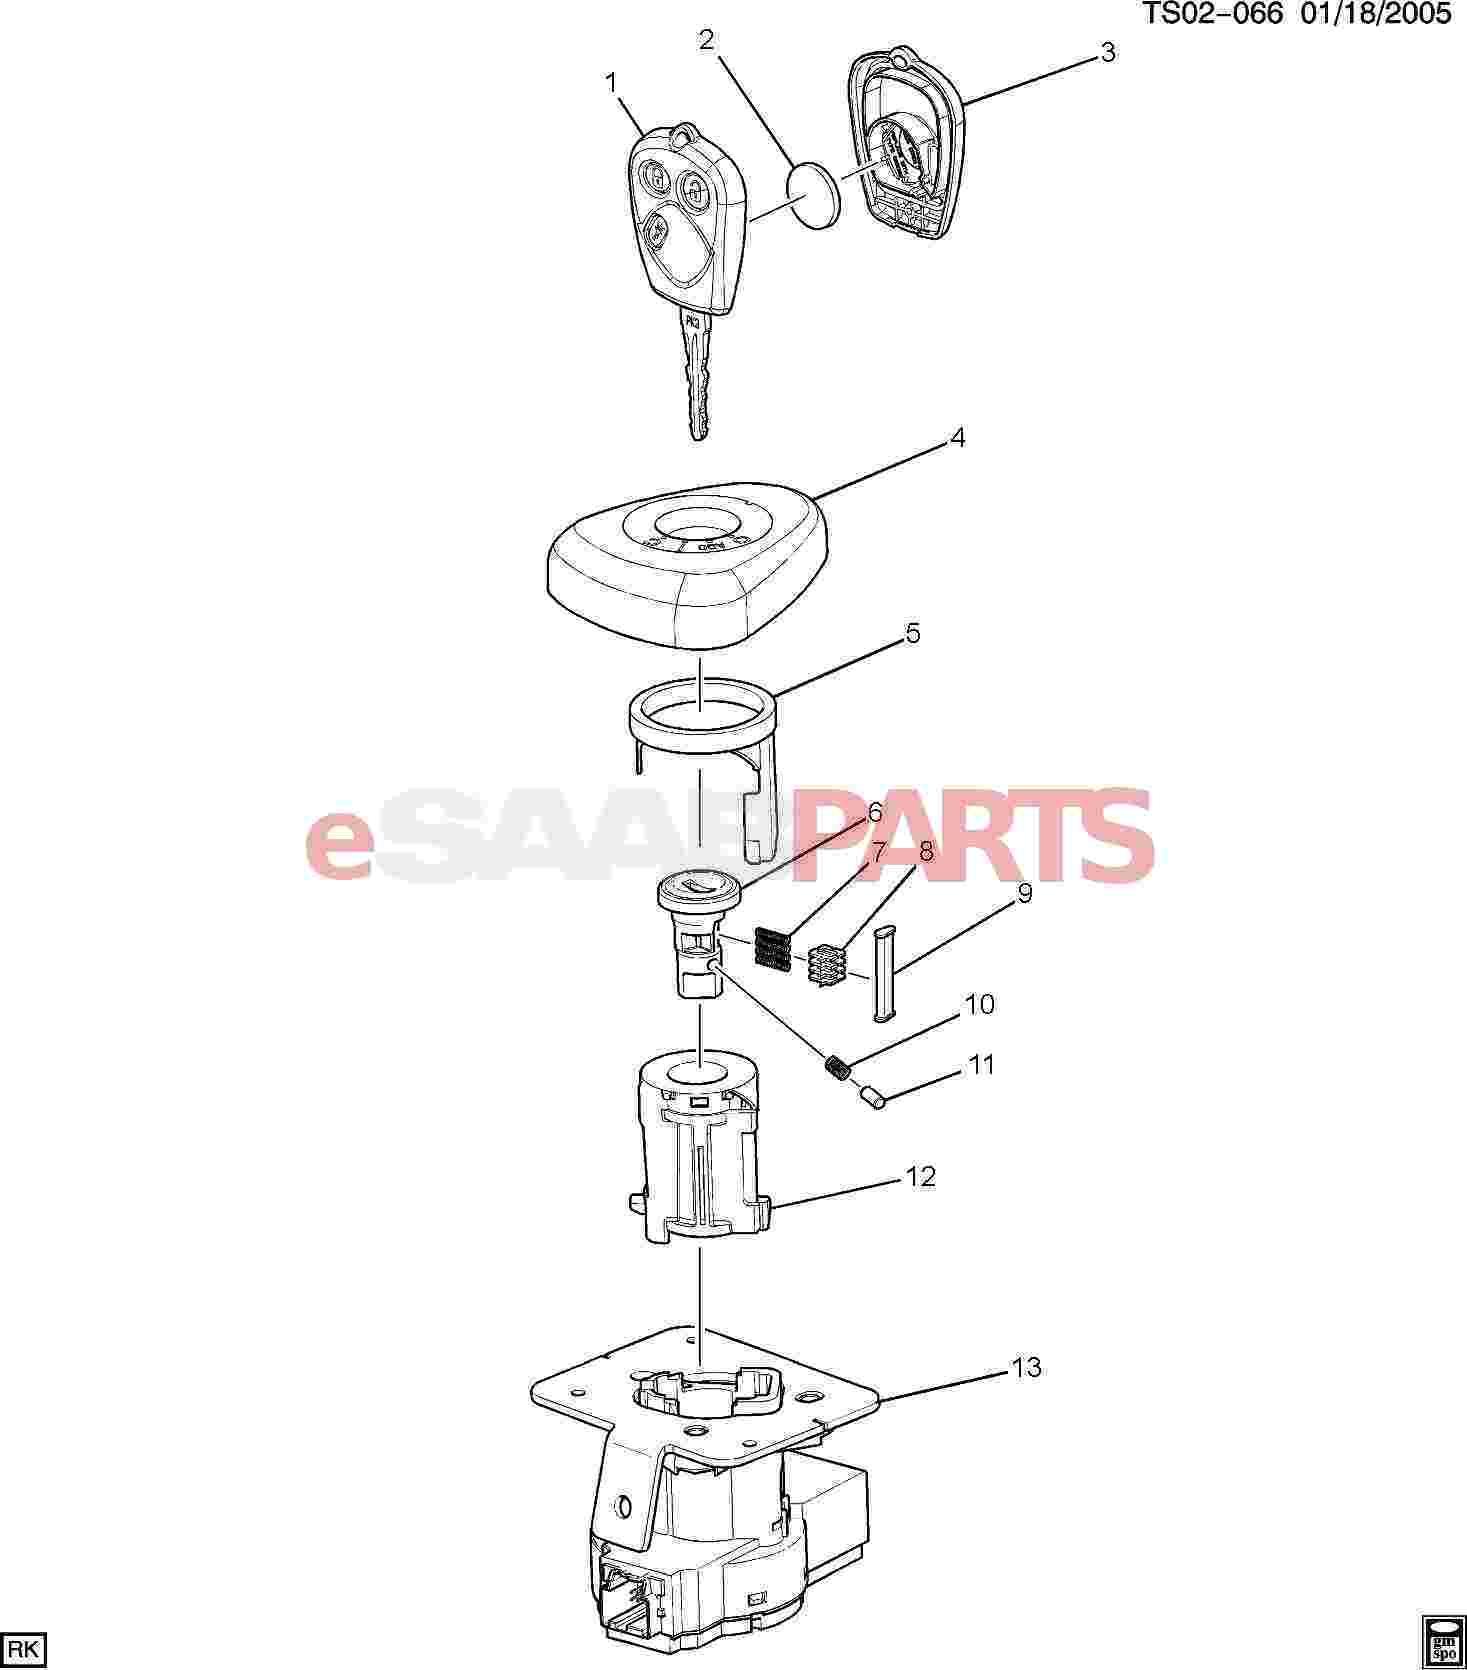 hight resolution of esaabparts com saab 9 7x u003e electrical parts u003e ignition componentsesaabparts com saab 9